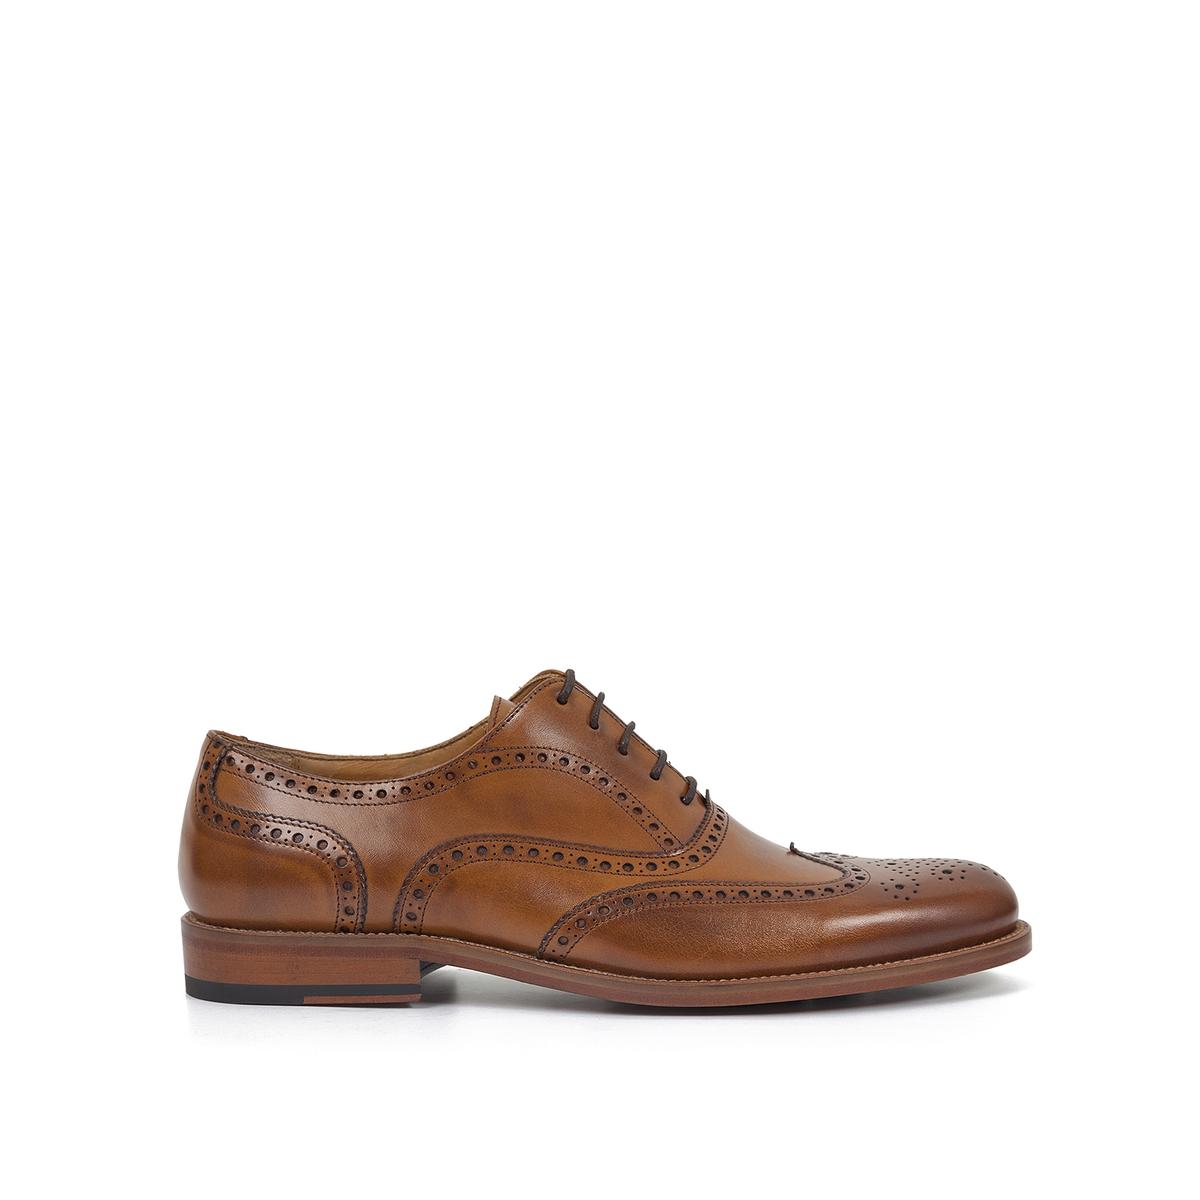 Ботинки-оксфорды кожаные Edgar ботинки оксфорды кожаные prangley walk